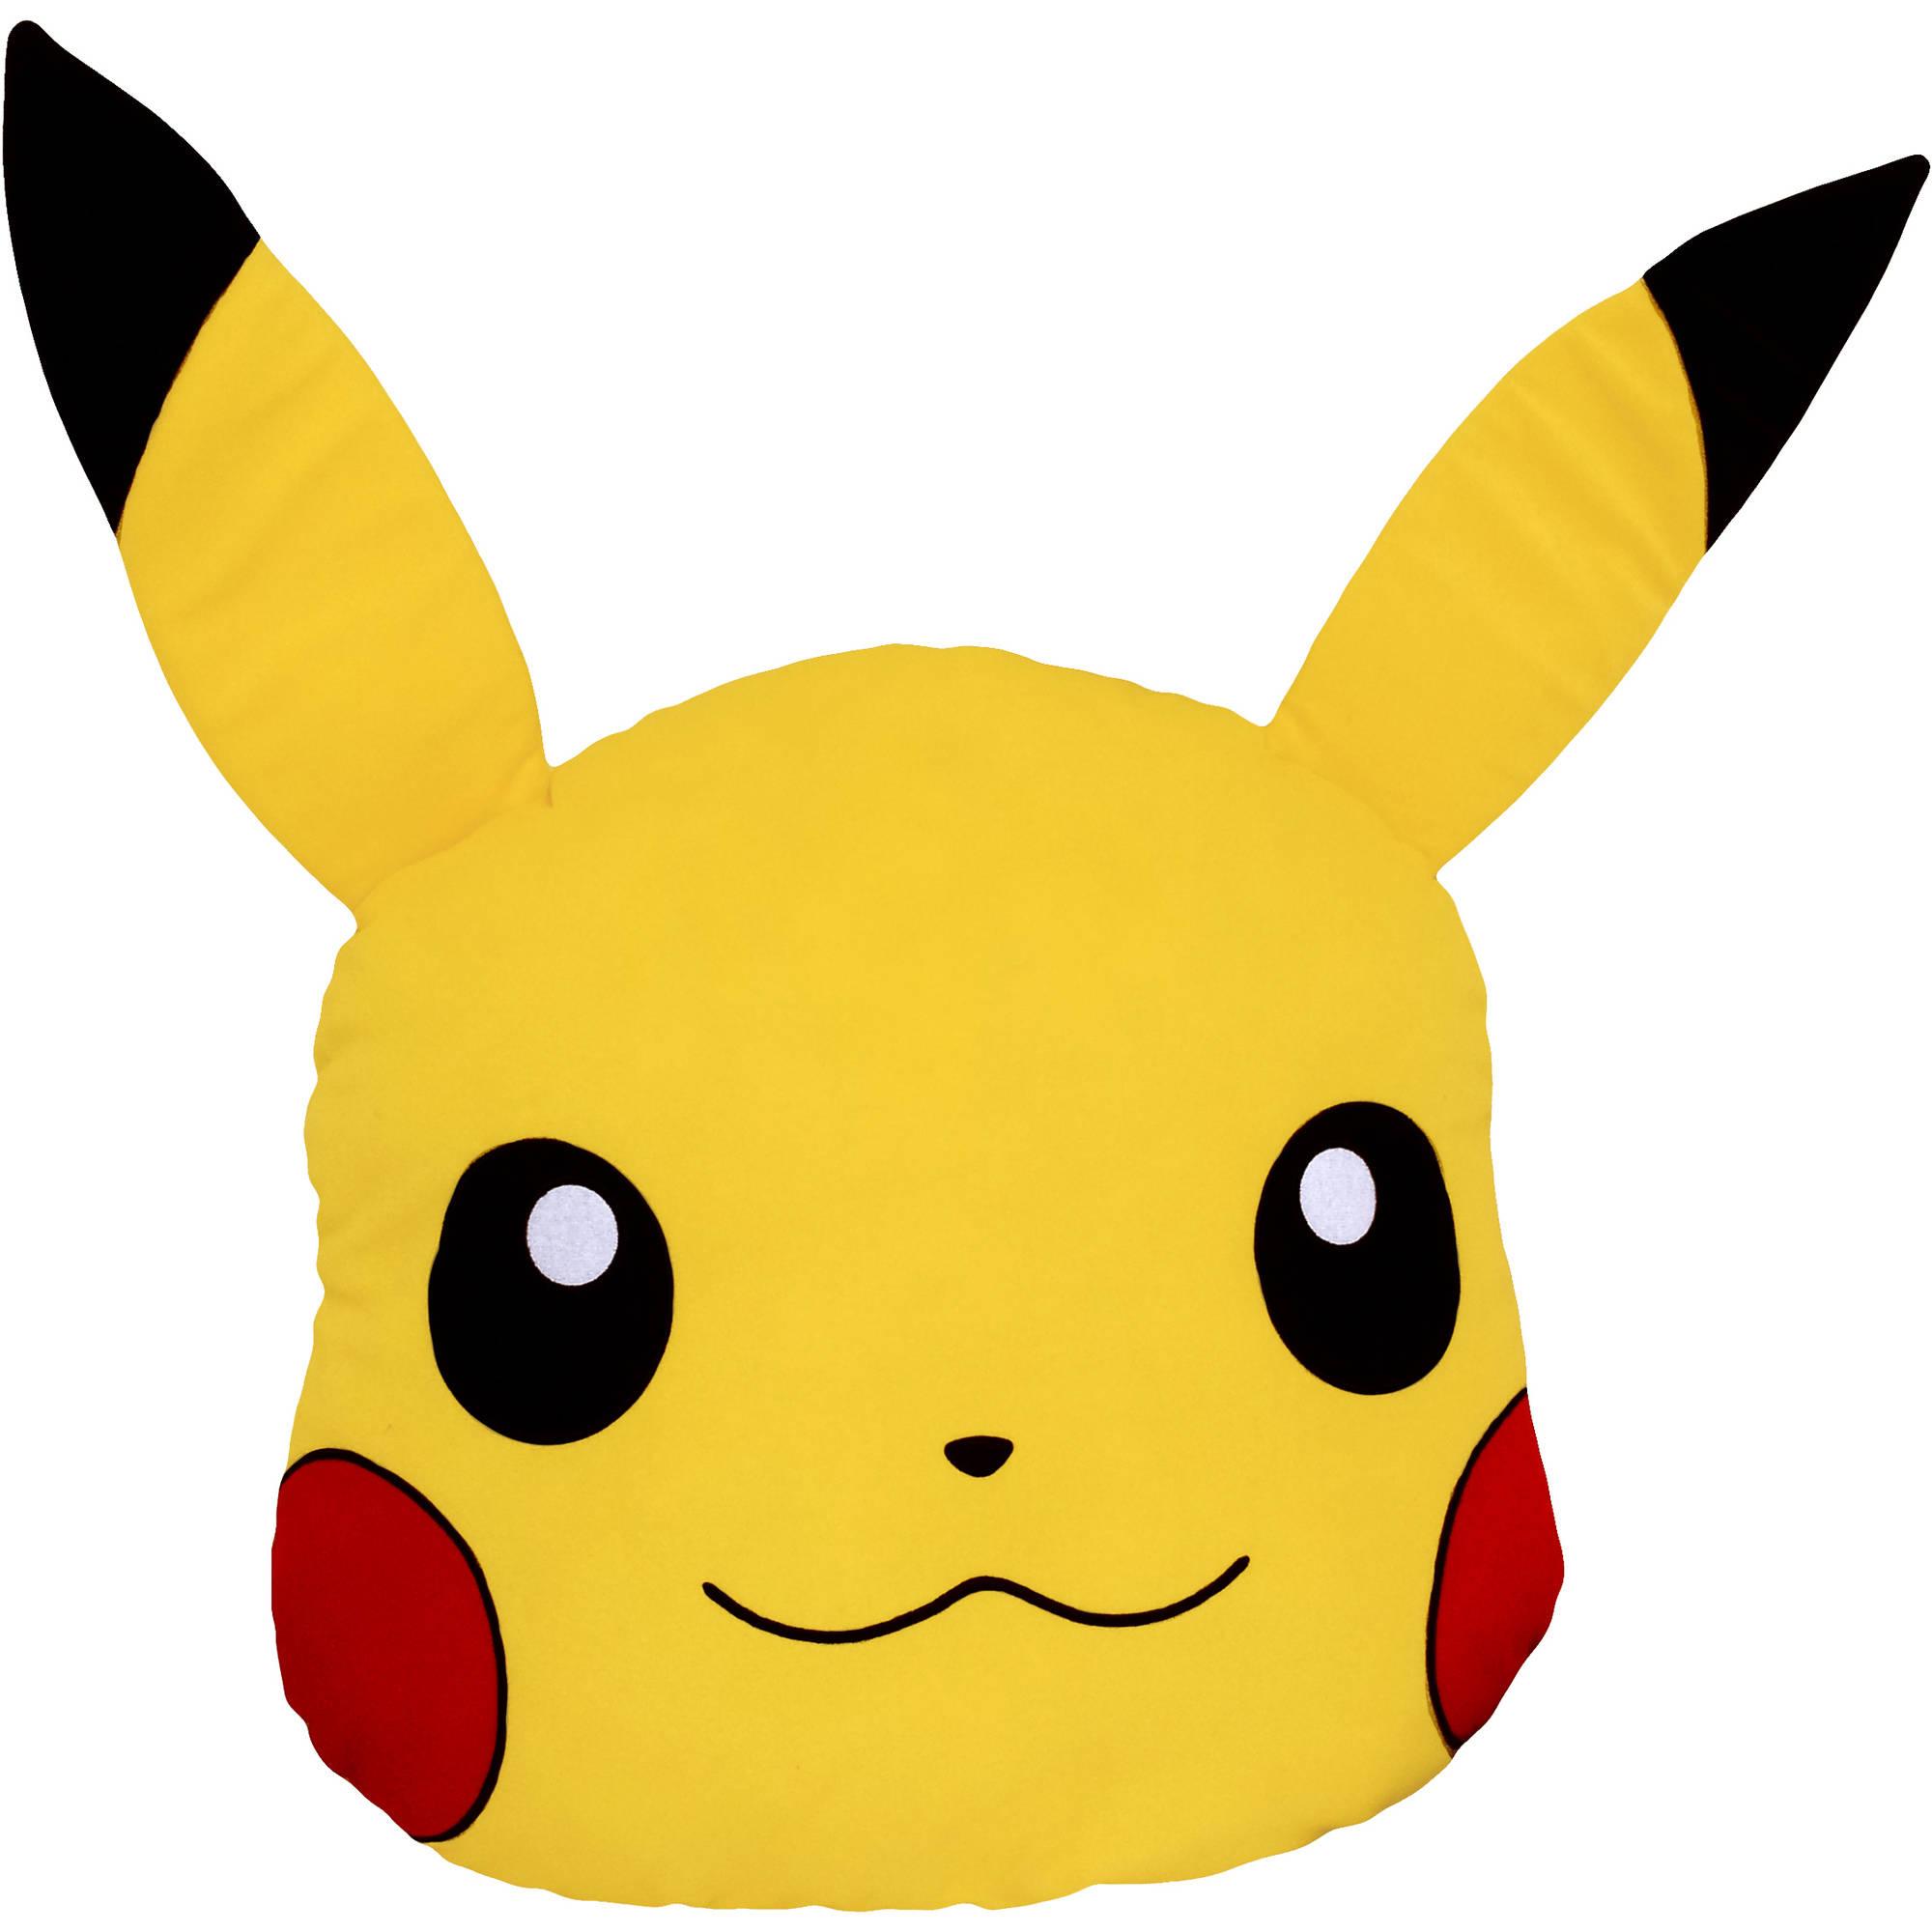 Pokemon Quot Choose Pikachu Quot 16 Quot X 16 Quot Character Pillow Head